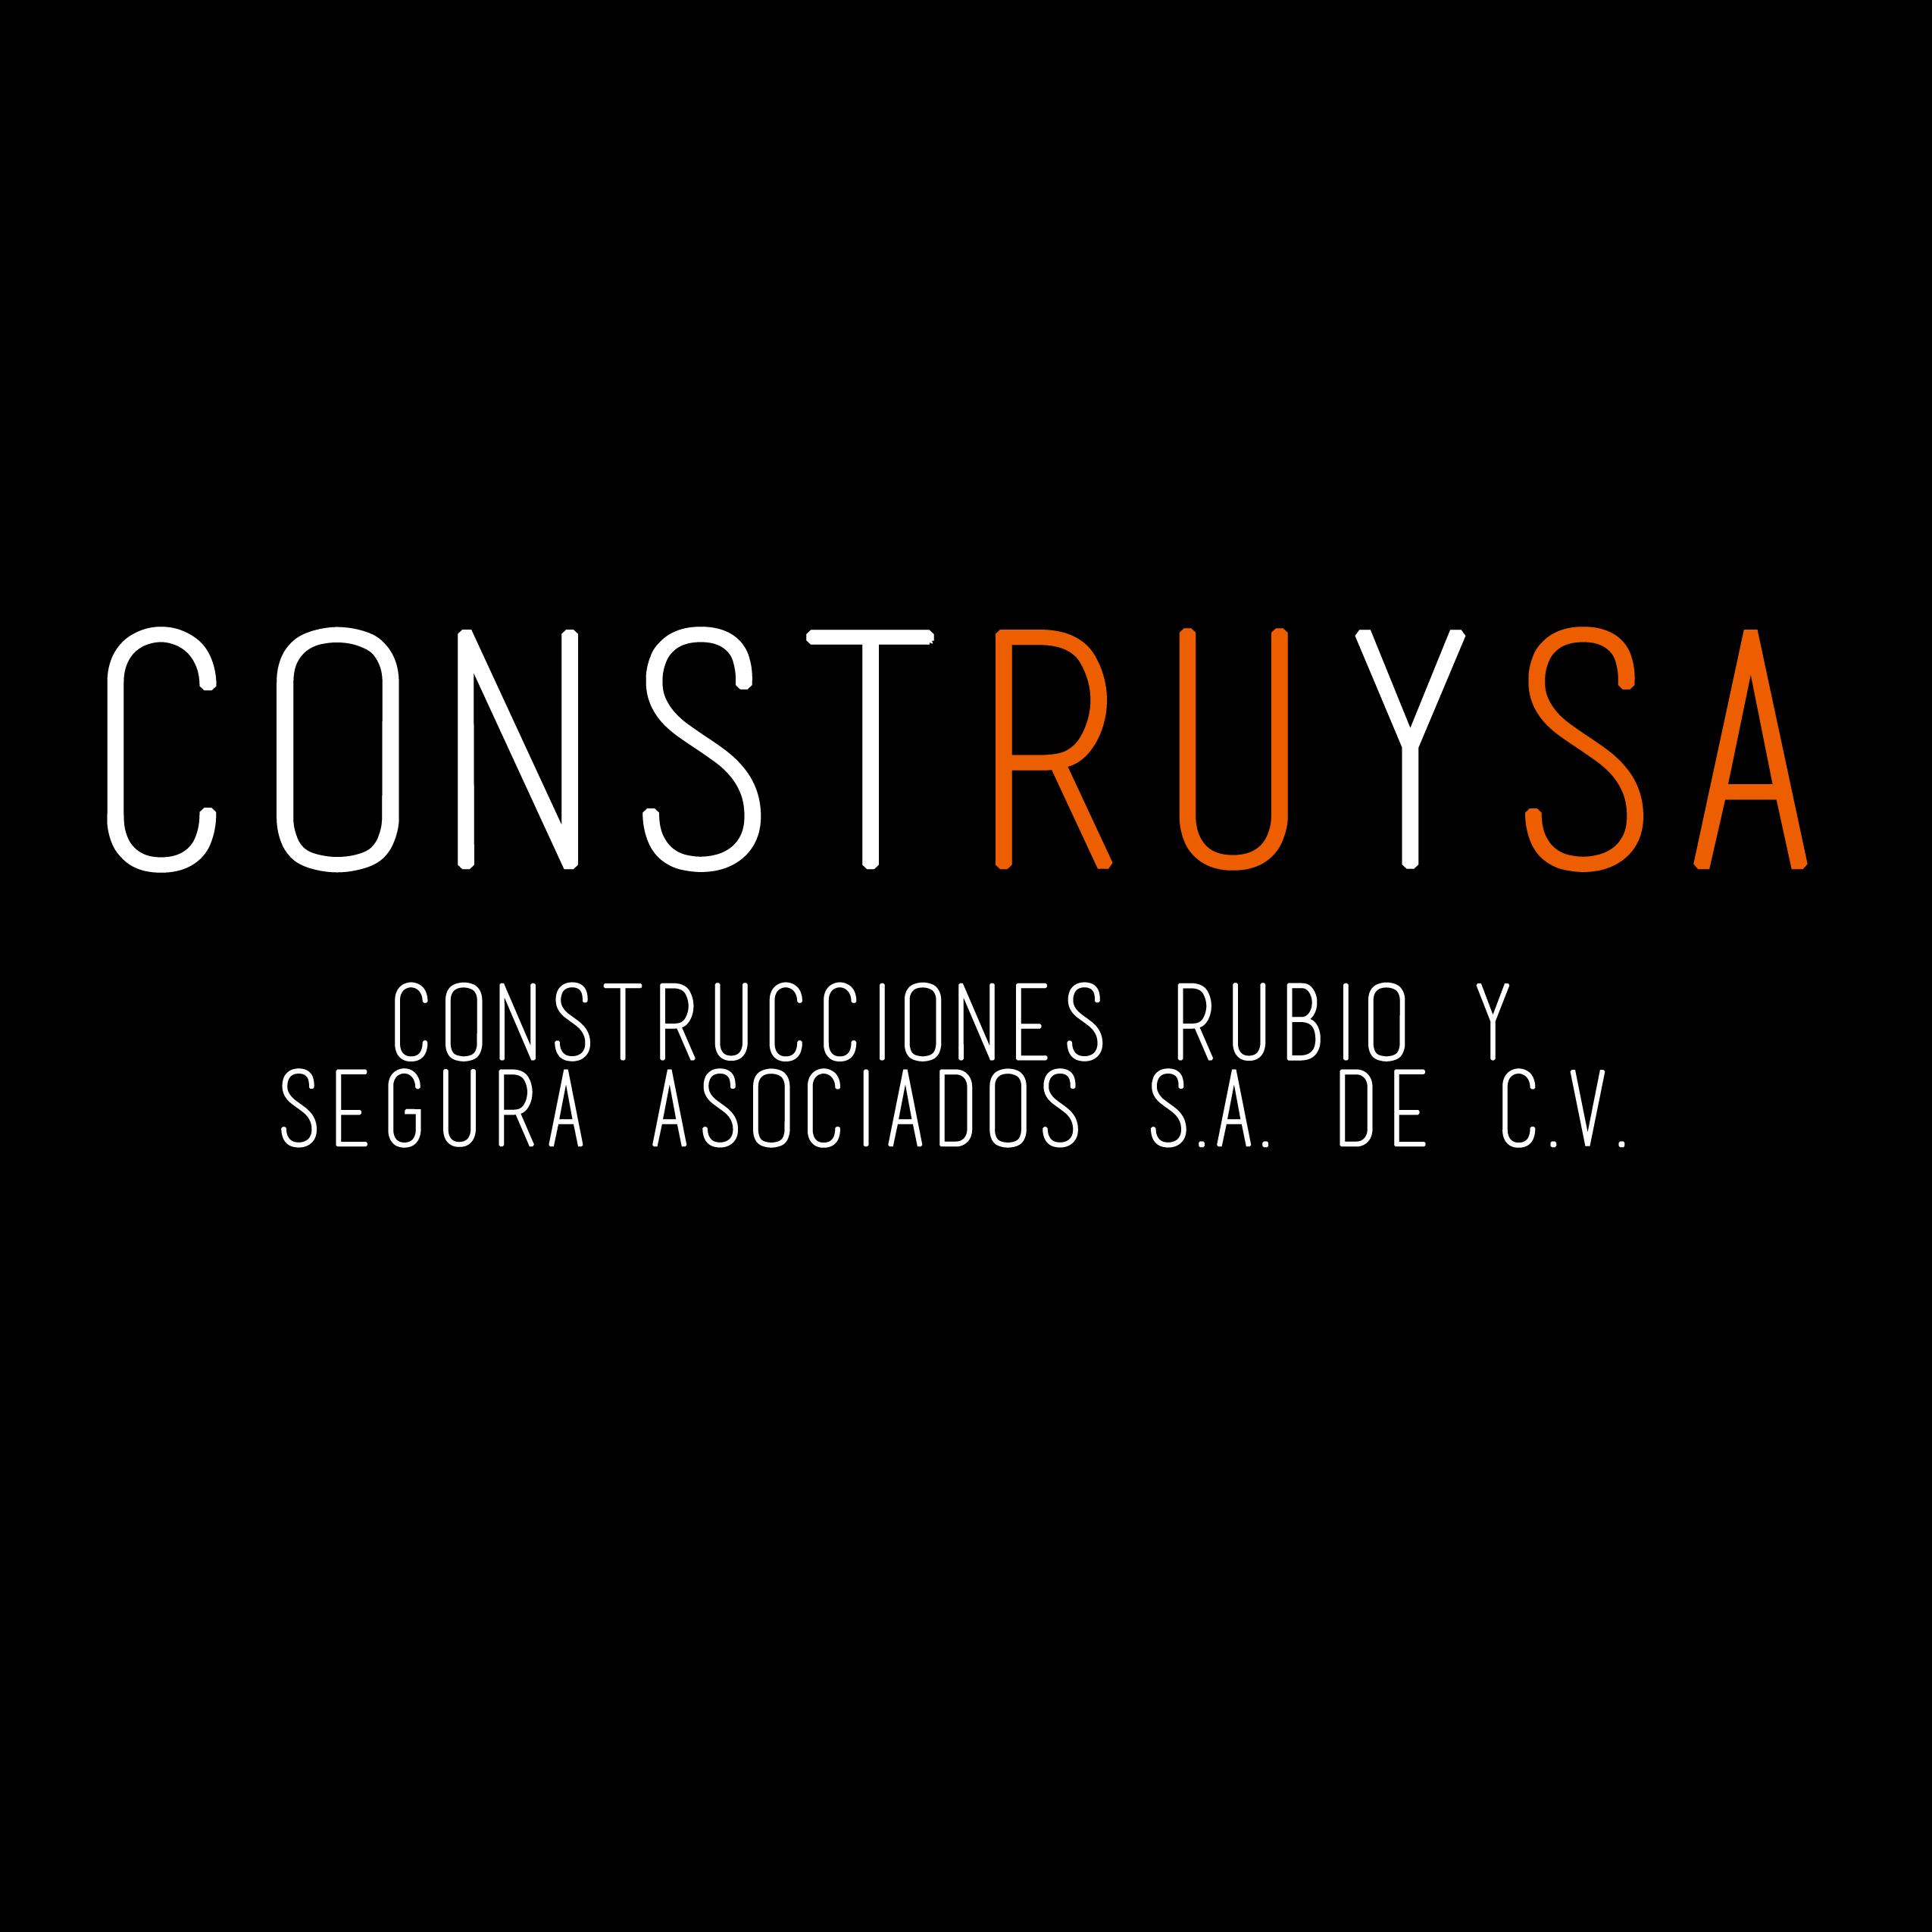 Construysa